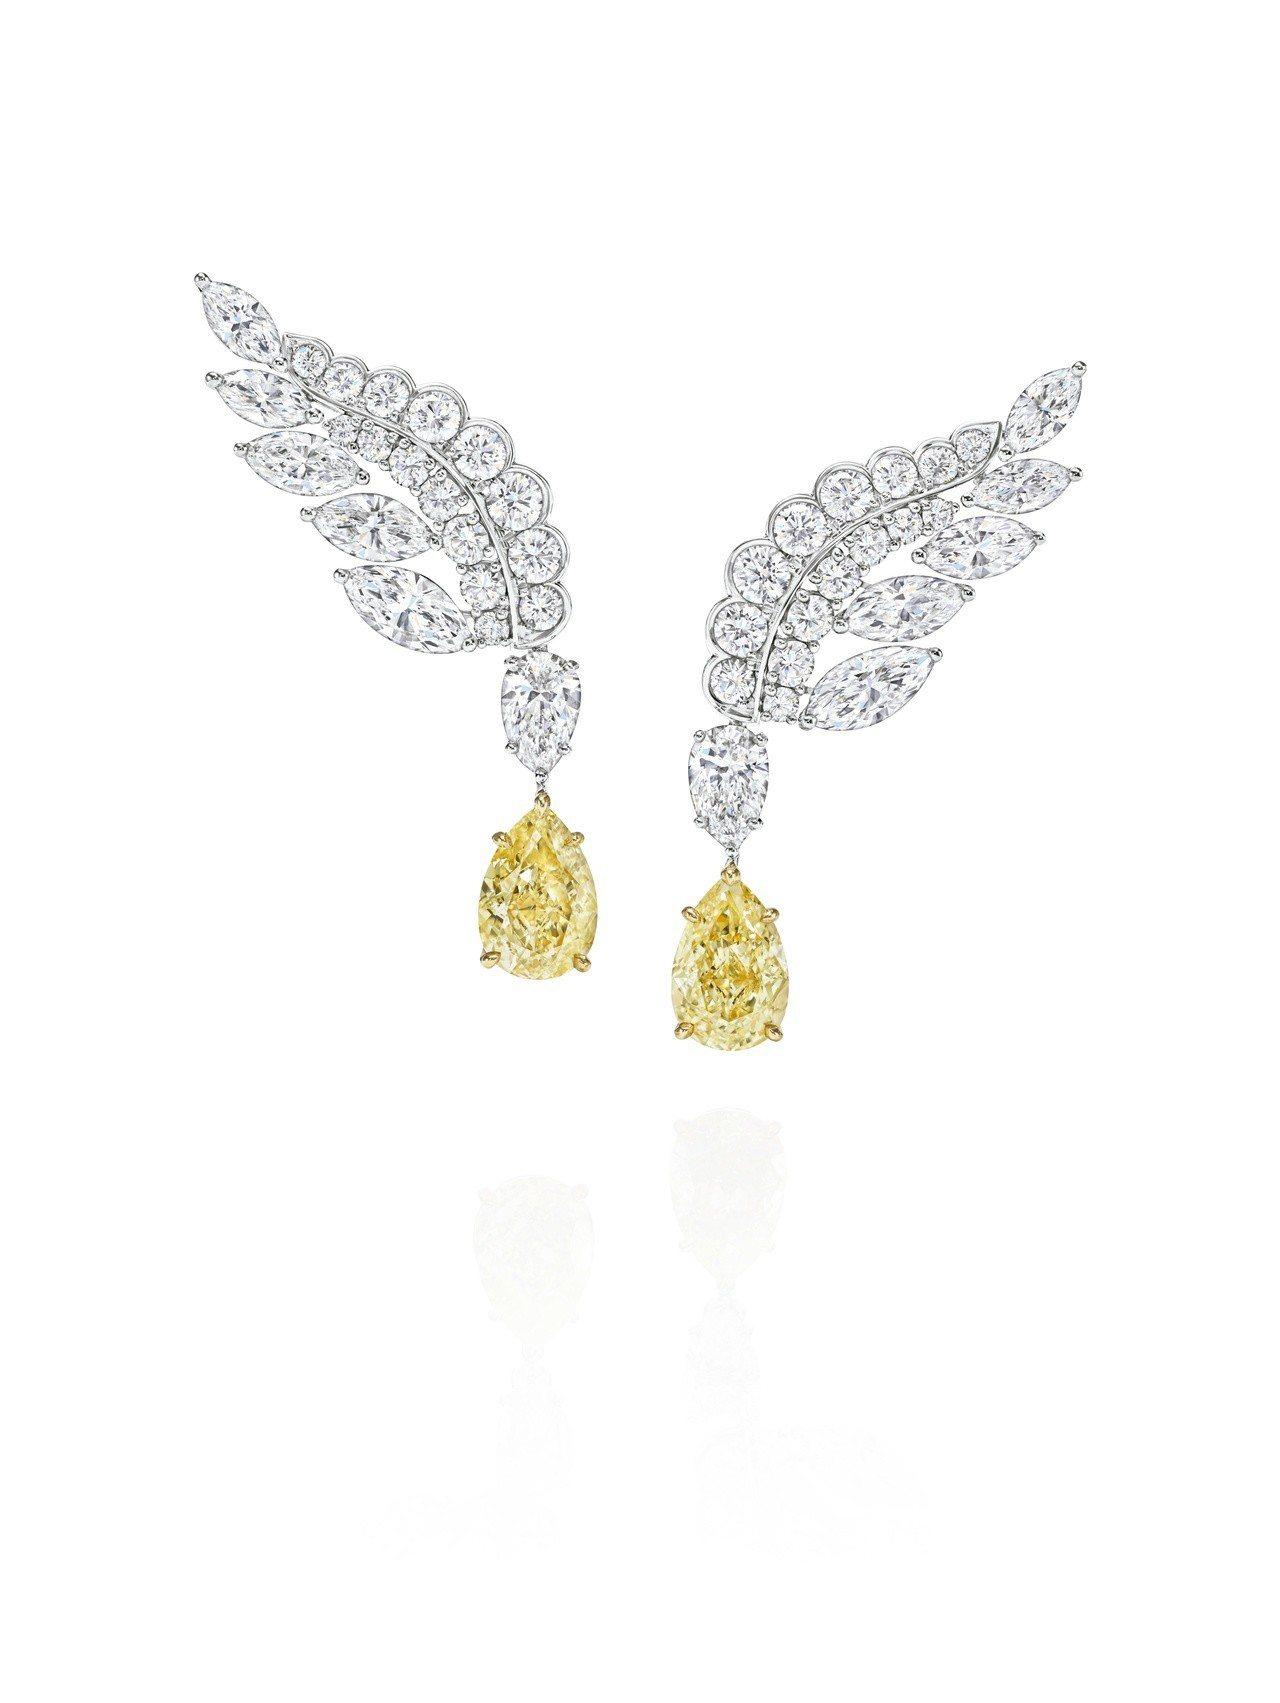 海瑞溫斯頓New York Collection Eagle 黃鑽鑽石耳環,2顆...